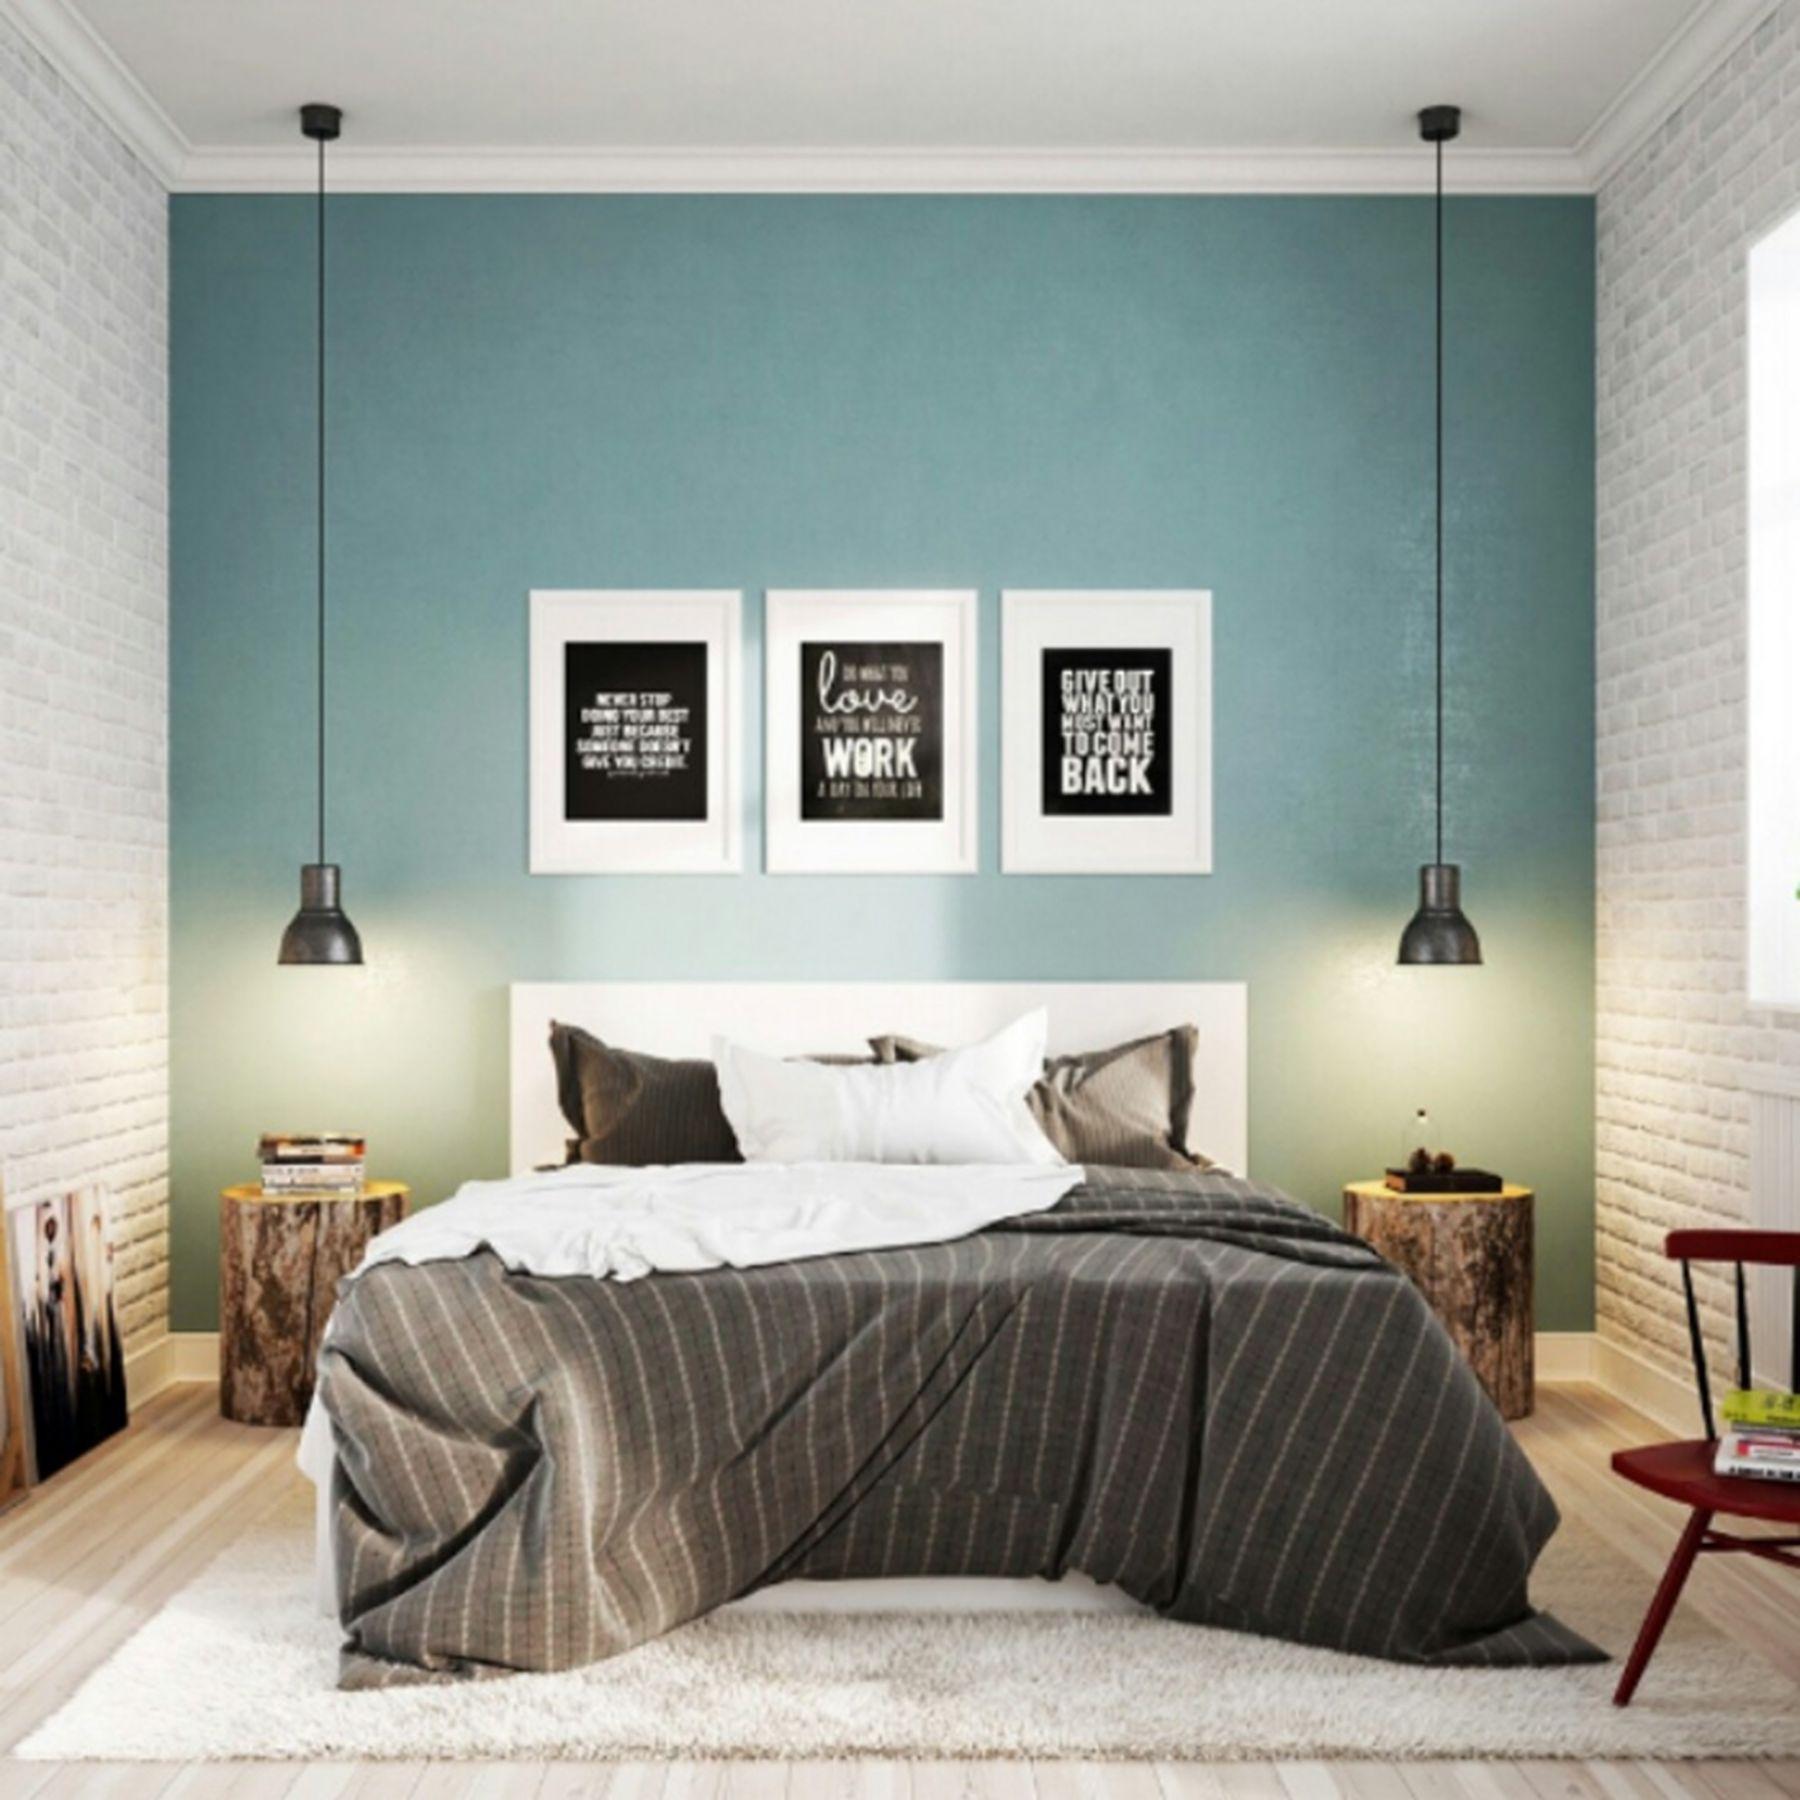 10 Fabulous Scandinavian Style Bedroom Design Ideas That Give Comfort When Sleeping Bedroom Interior Scandinavian Design Bedroom Trendy Living Rooms